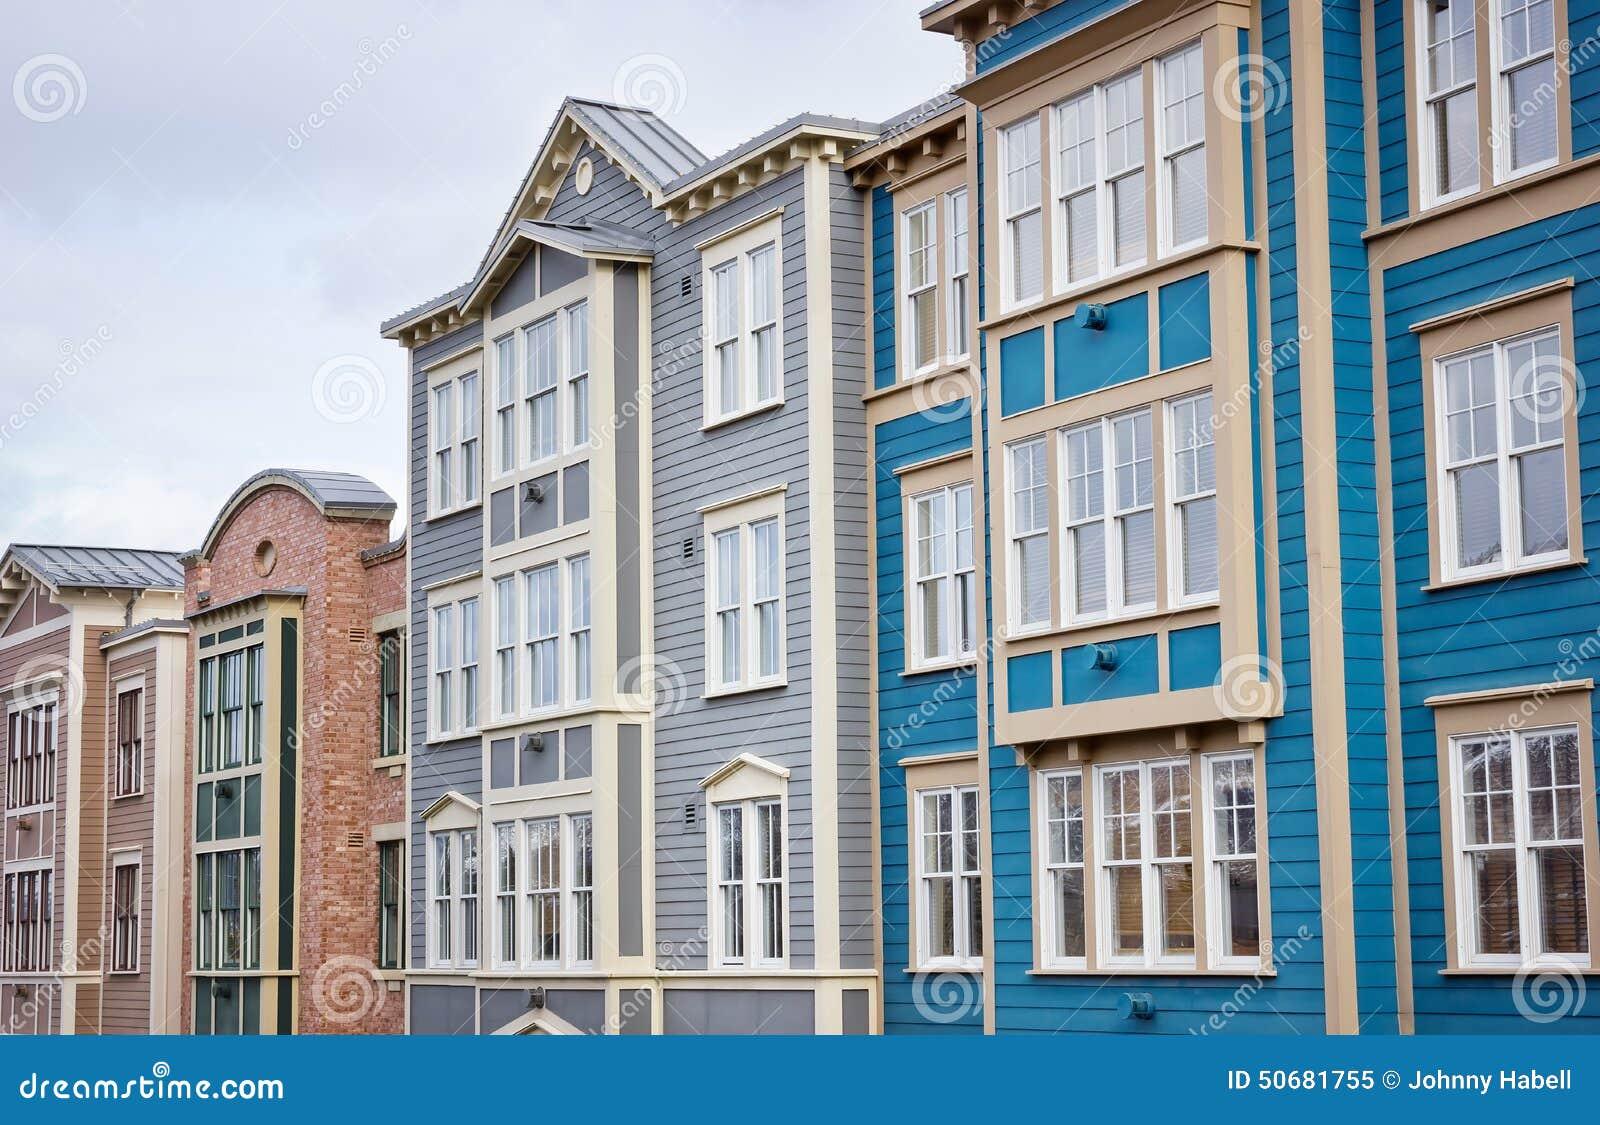 Download 五颜六色的大厦联盟 库存图片. 图片 包括有 结构, 透视图, 顶楼, 办公室, 外部, 人们, 样式, 当代 - 50681755